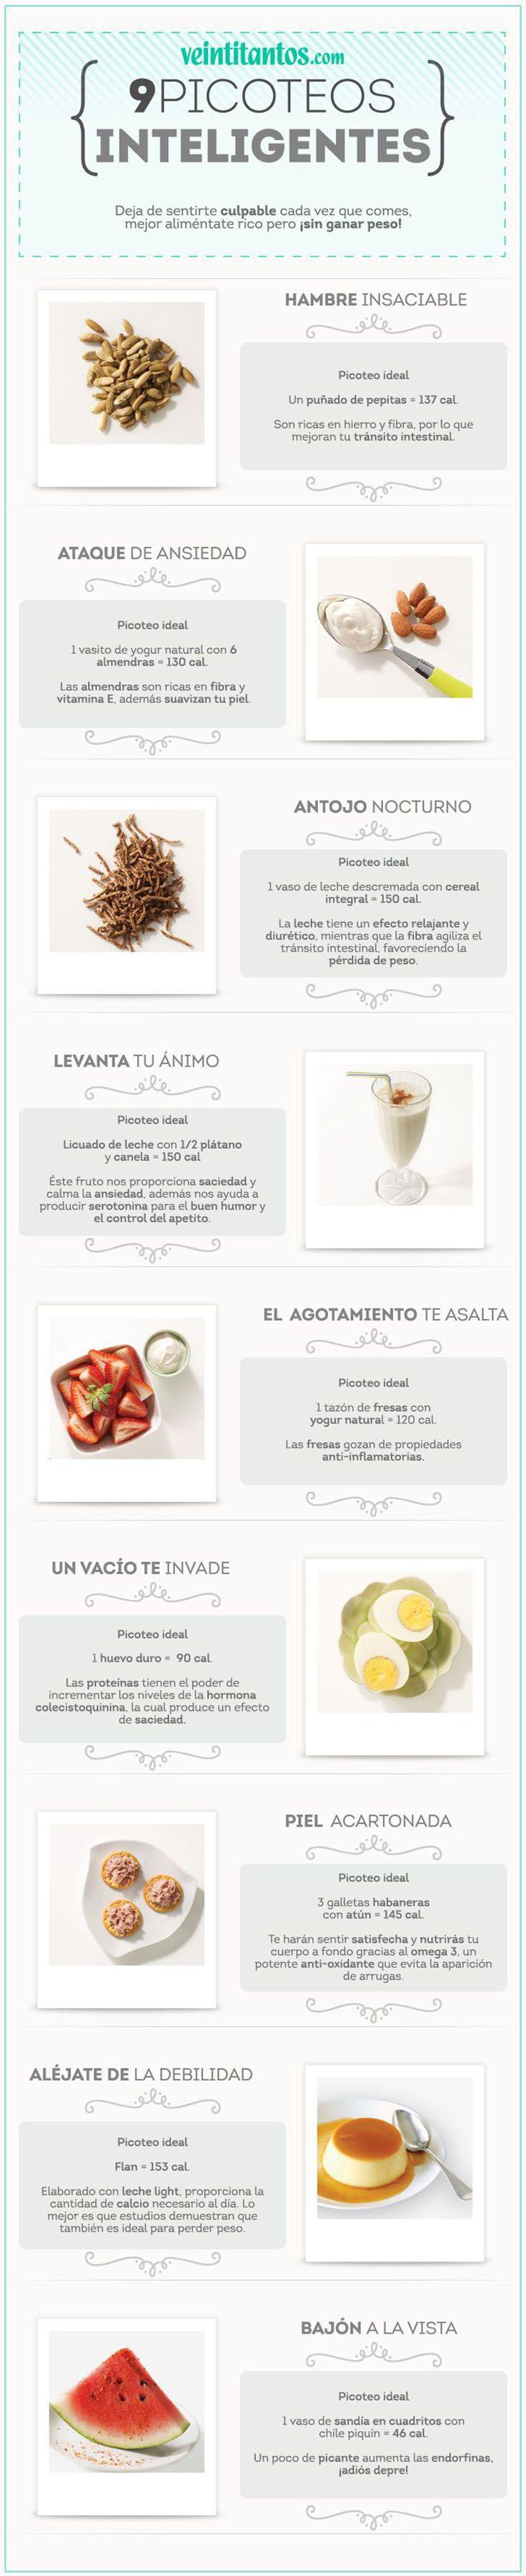 9 picoteos inteligentes para mantener la linea. #infografia #nutrición